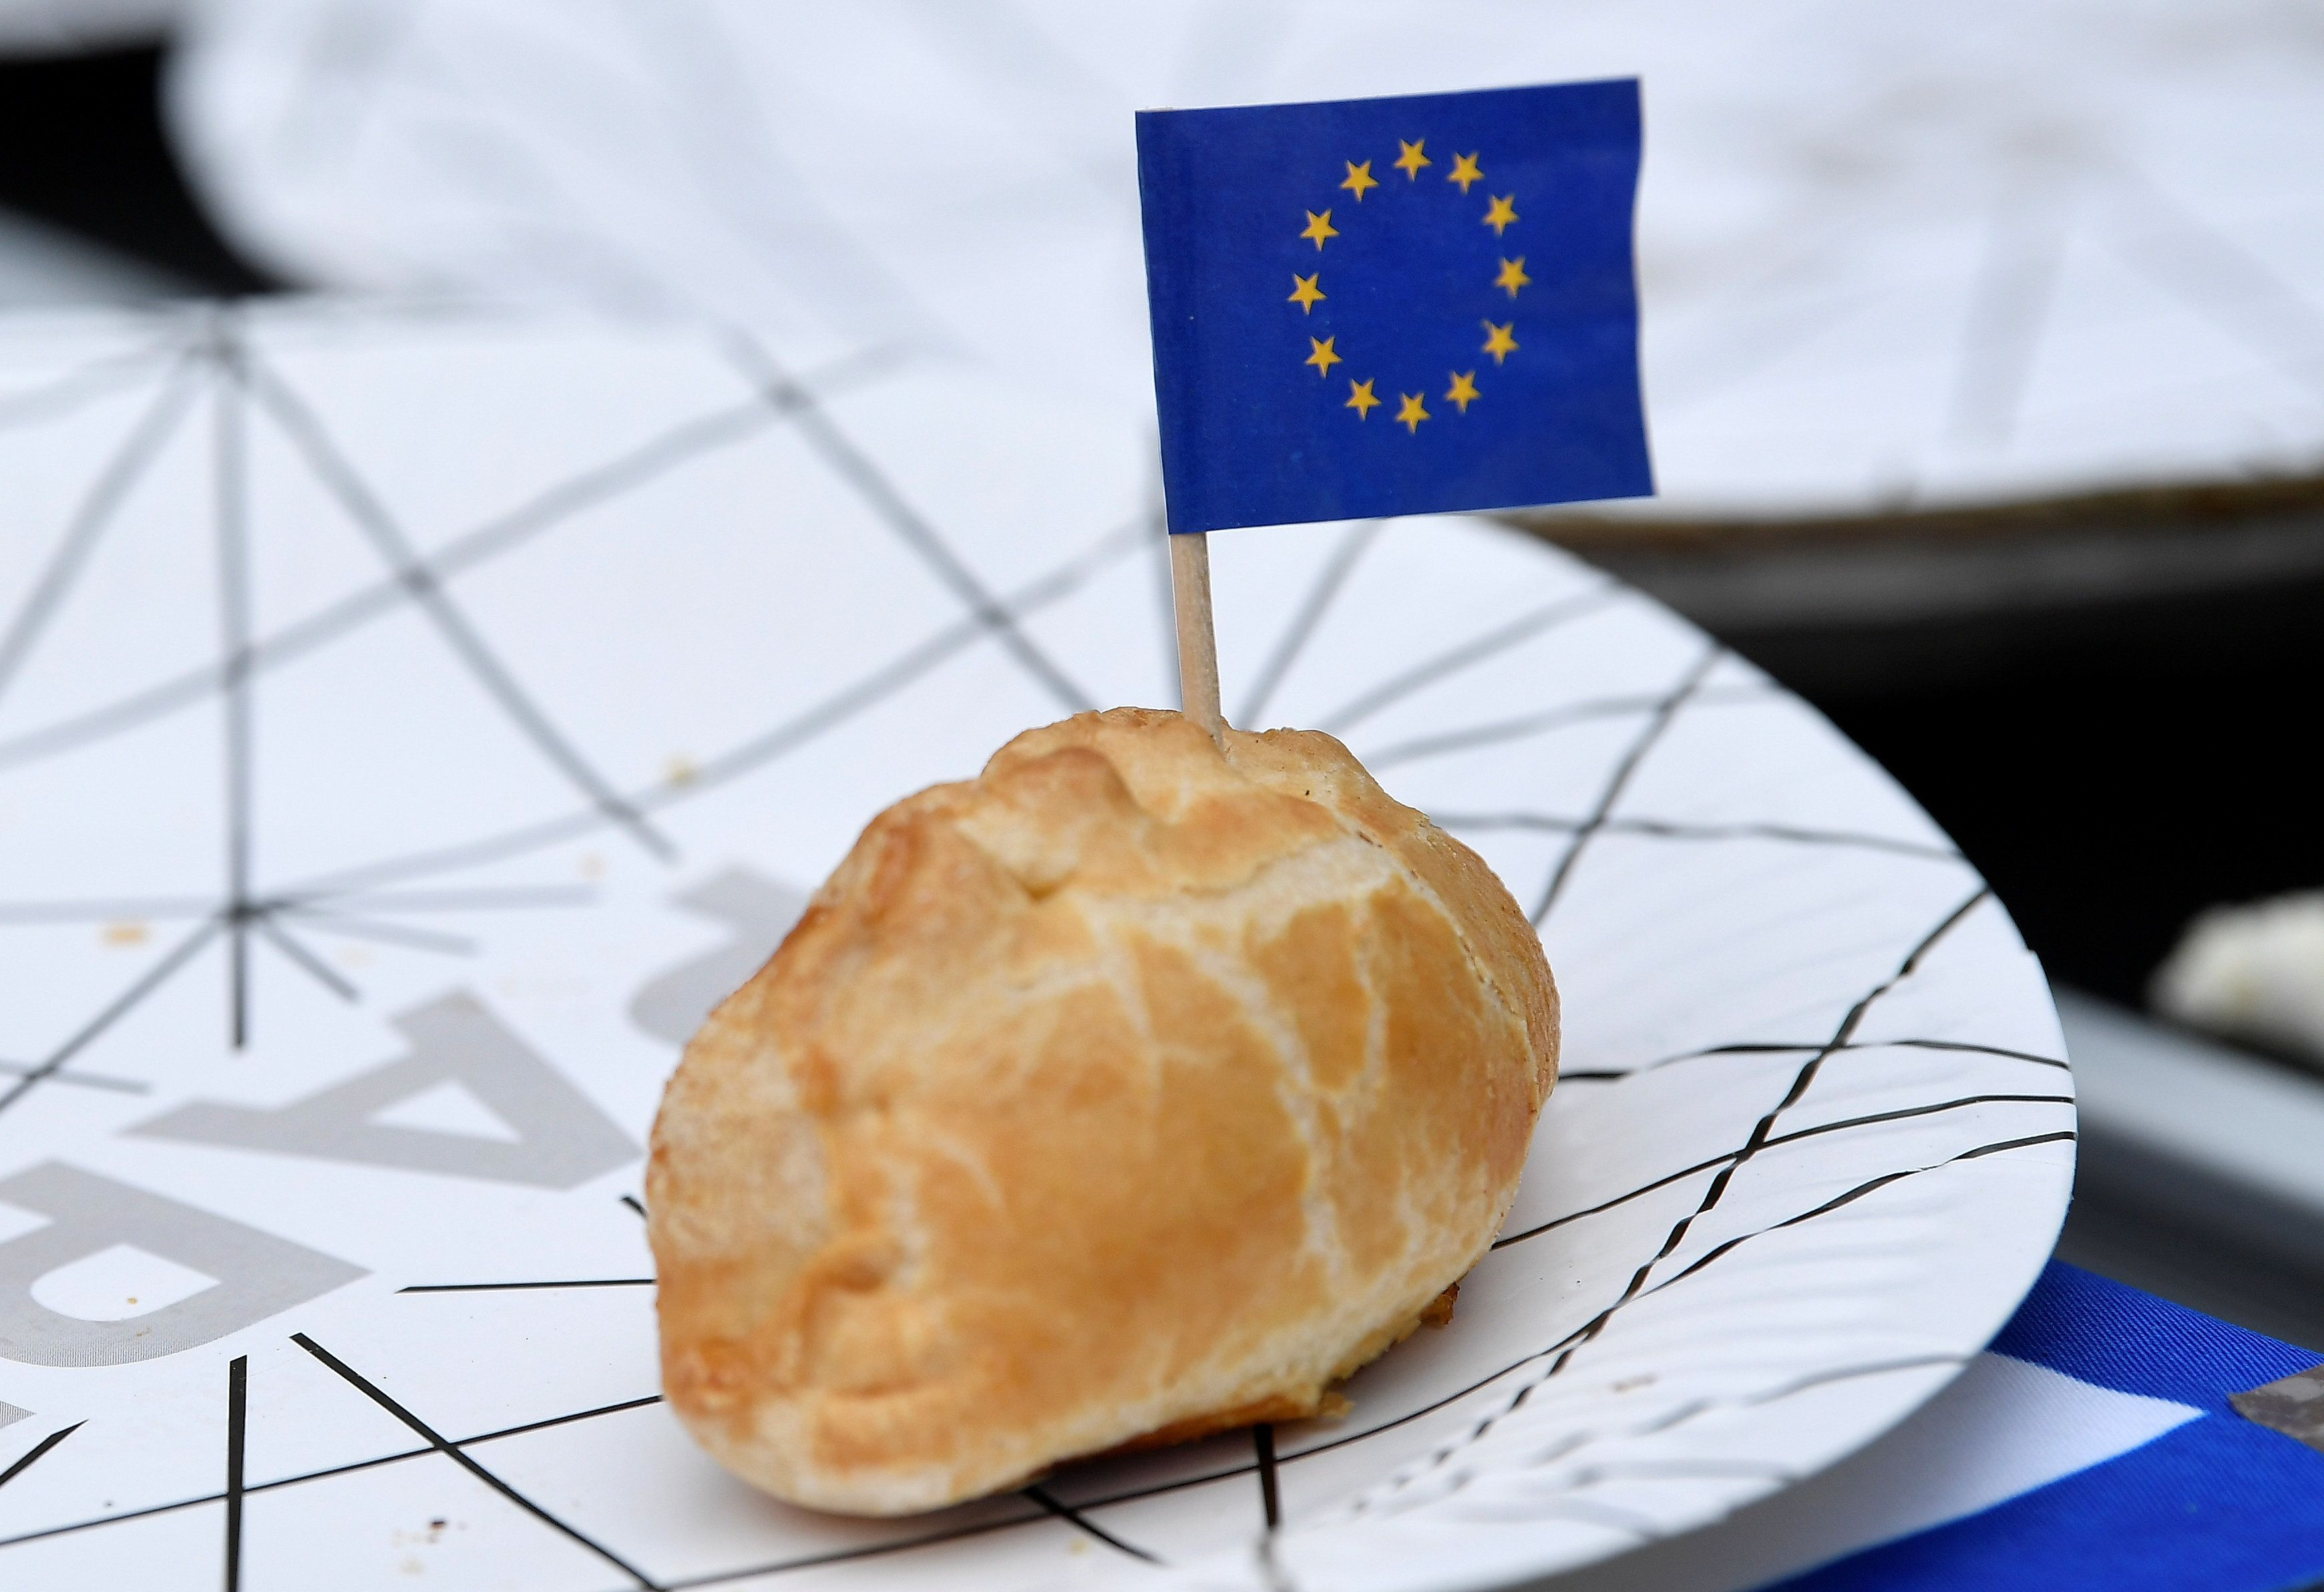 Η ΕΕ ενέκρινε ομόφωνα την επιβολή εισαγωγικών δασμών σε αμερικανικά προϊόντα ύψους 2,8 δισ. ευρώ